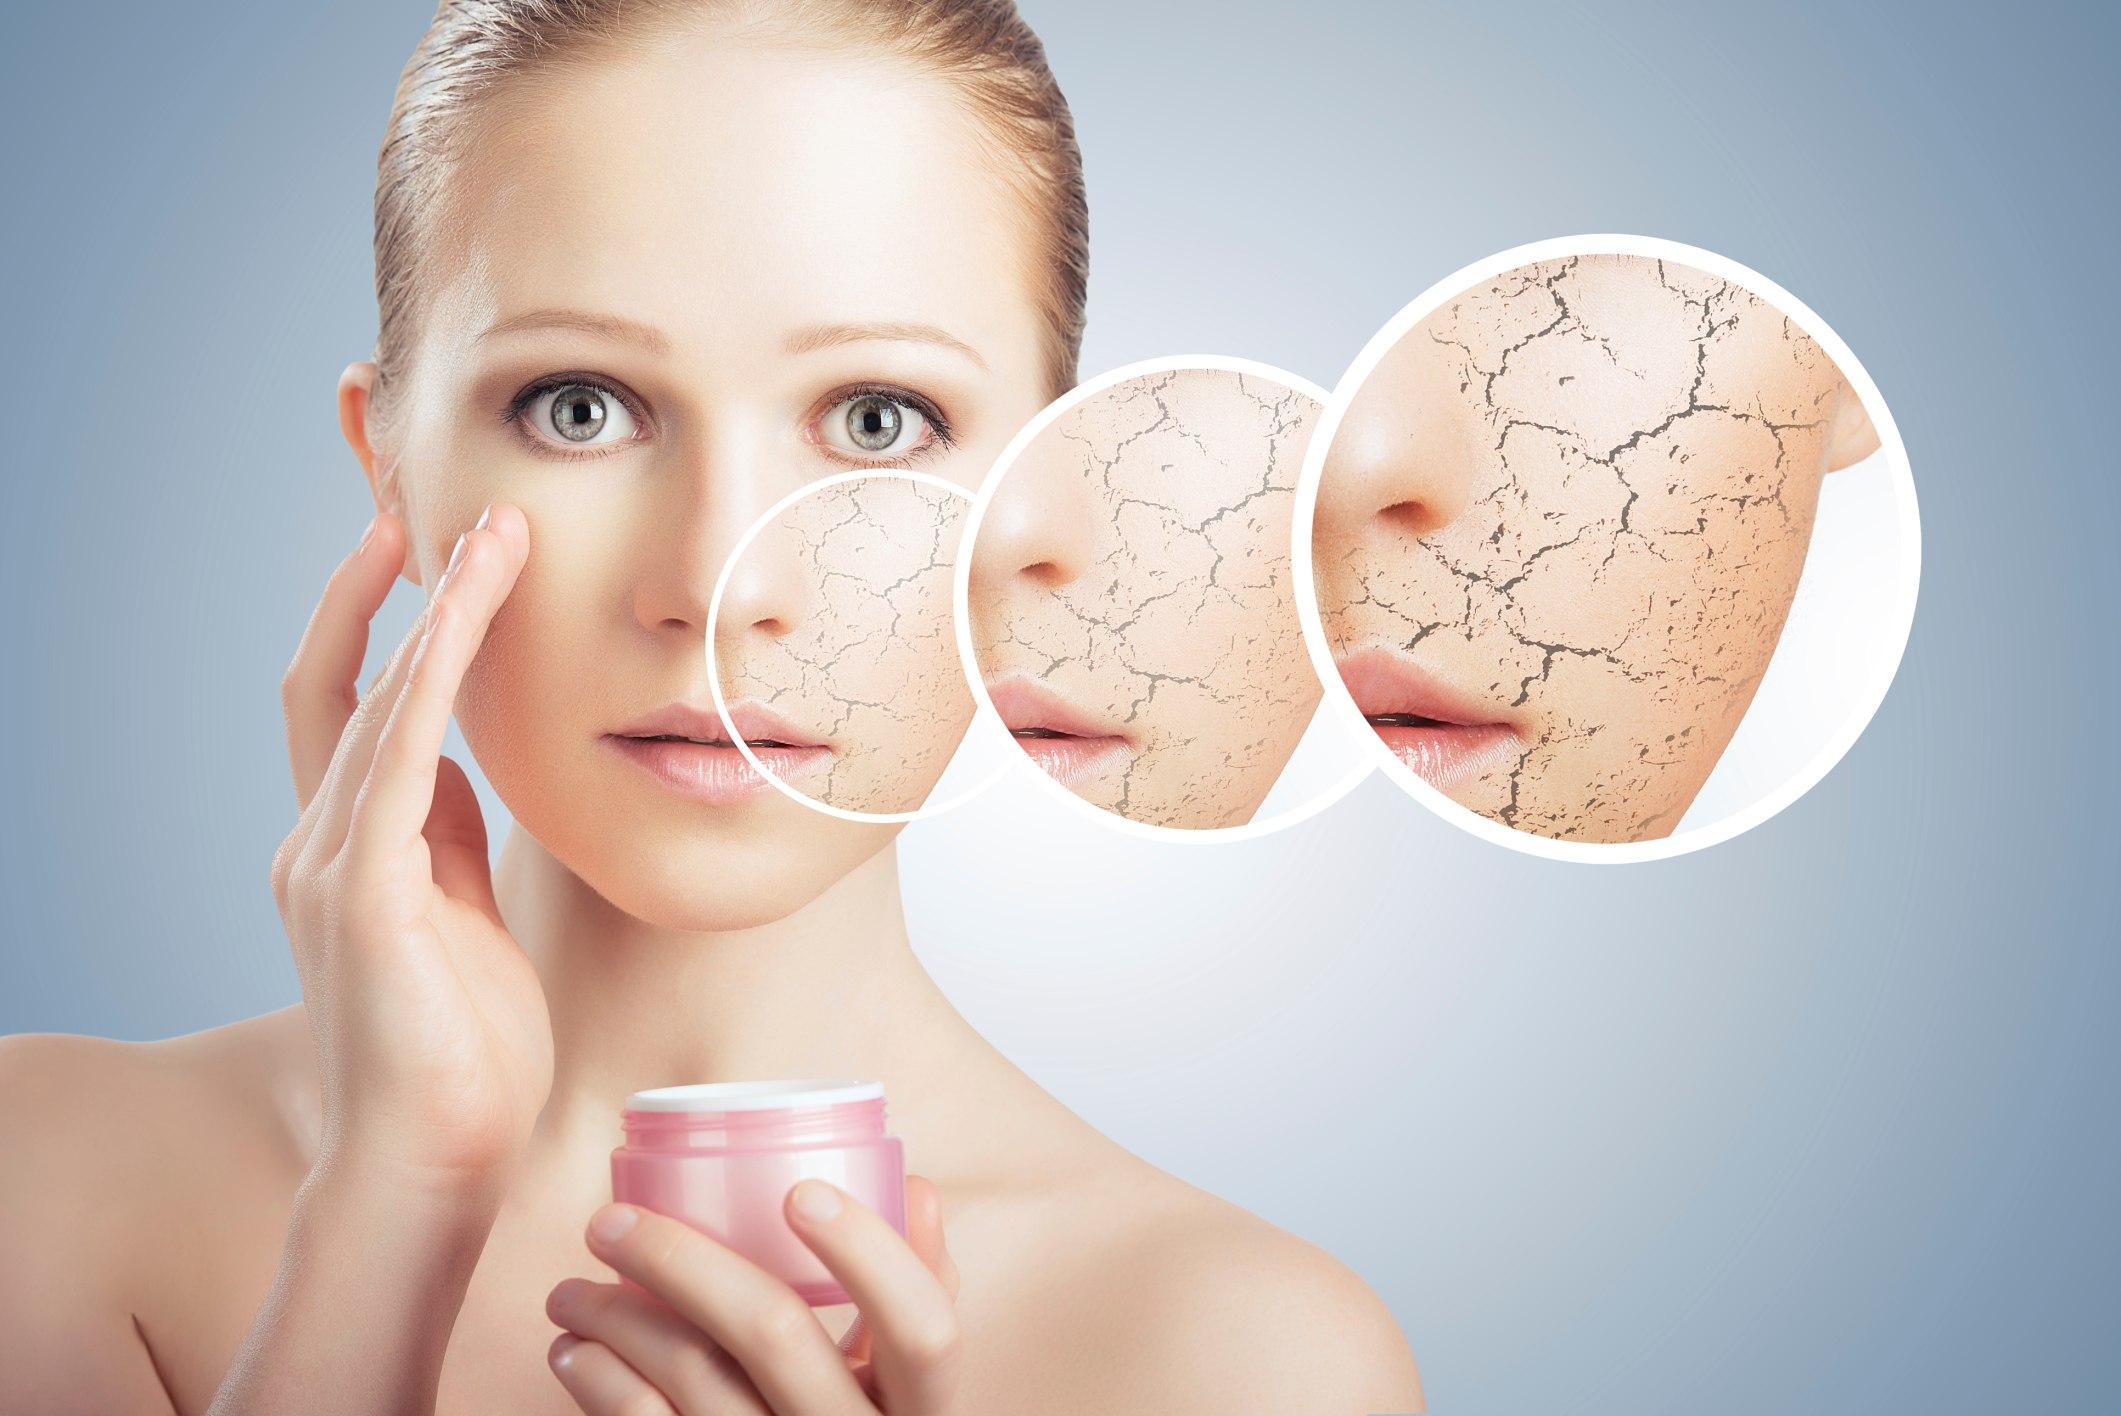 Чем лечить очень сухую кожу?